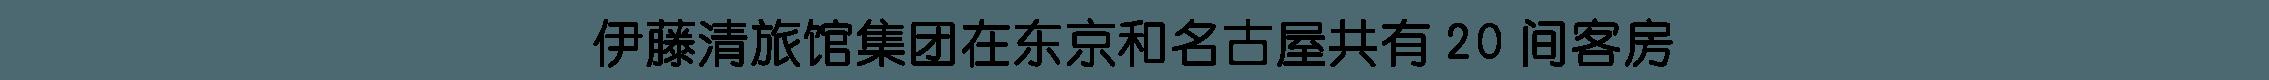 伊藤清旅馆集团在东京和名古屋提供20间客房